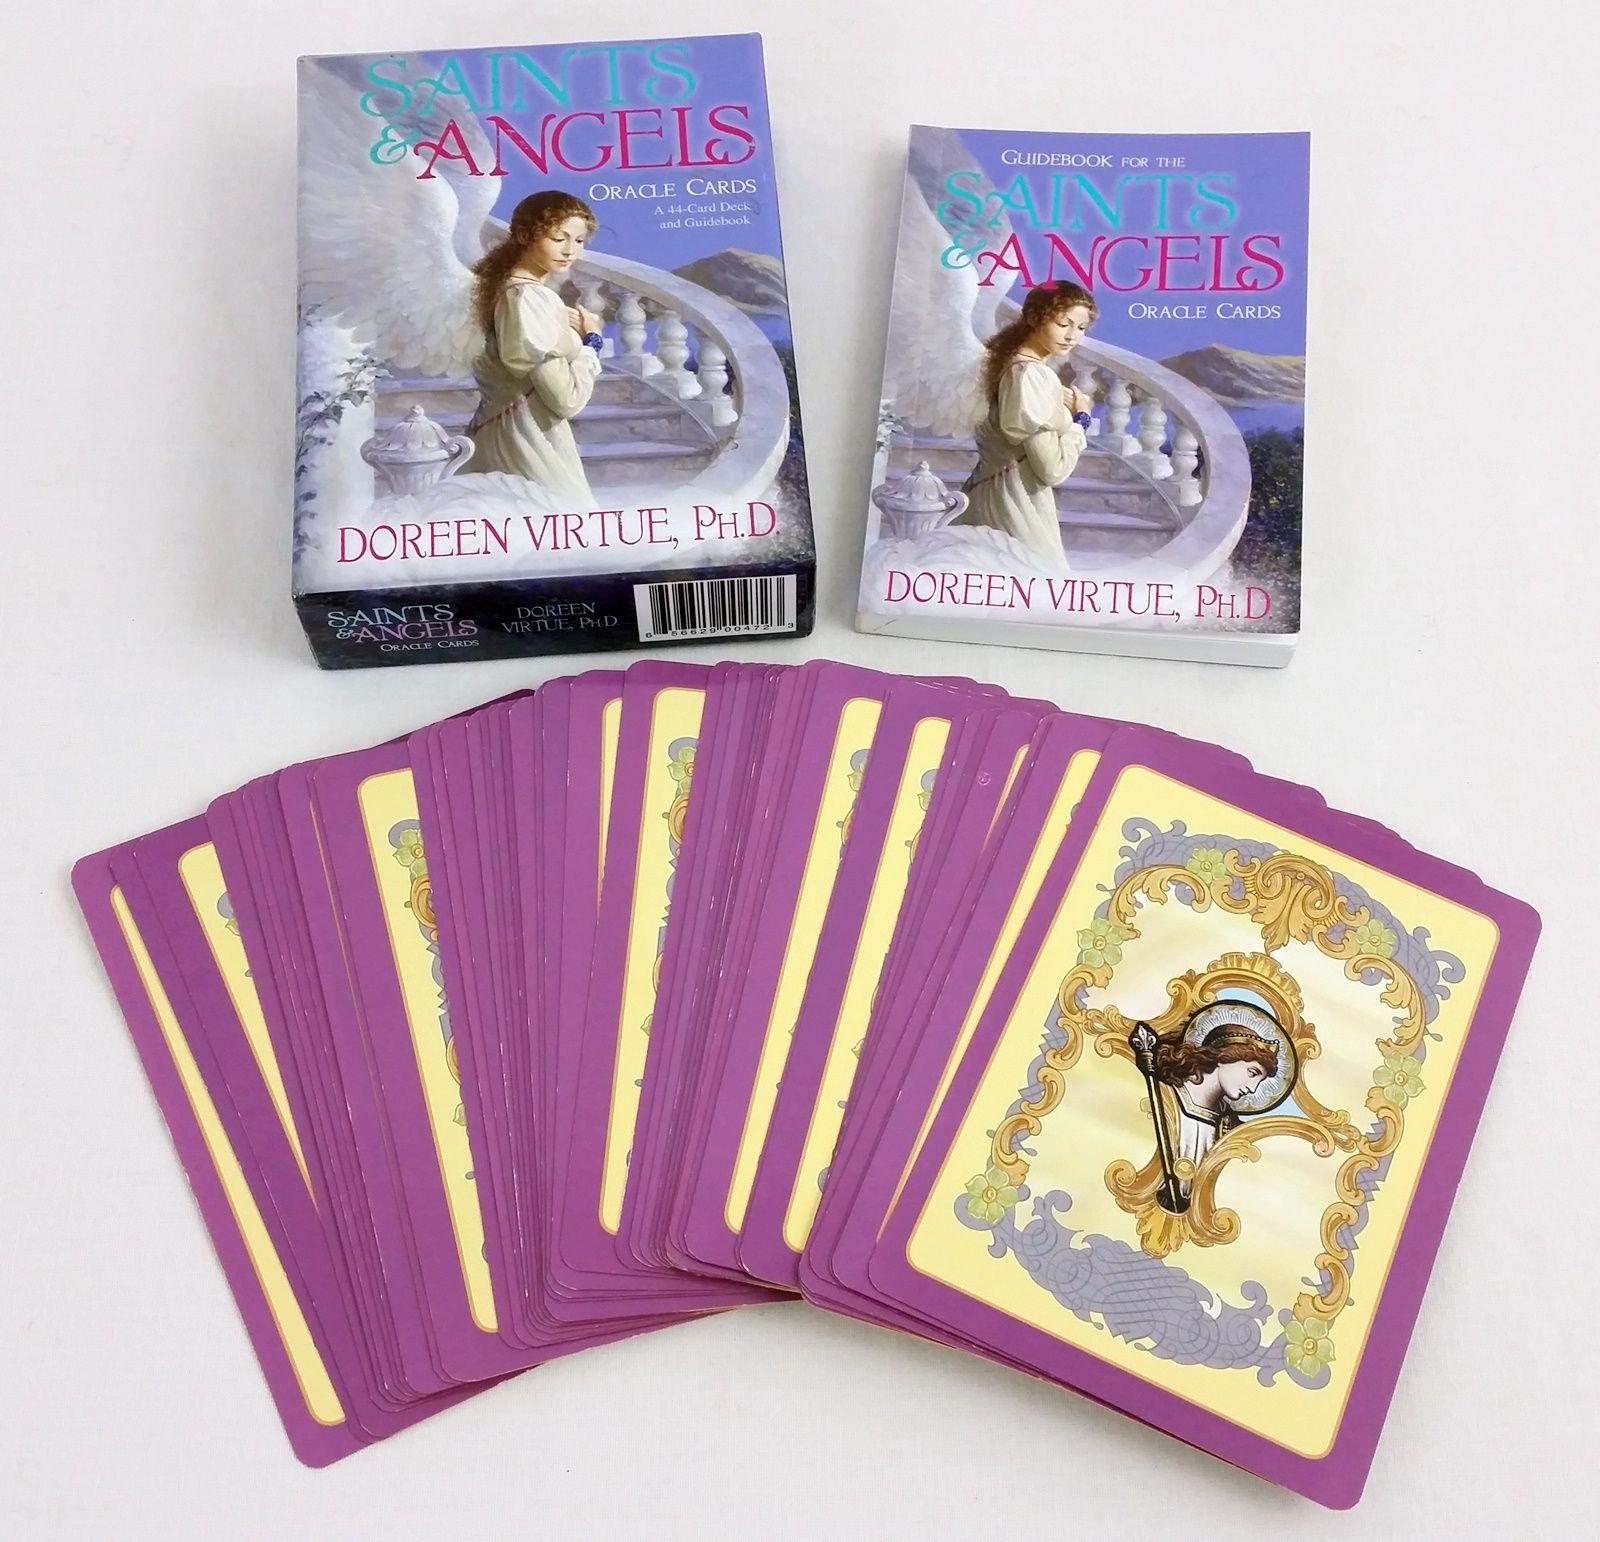 9781401906061_Saints and angels_1